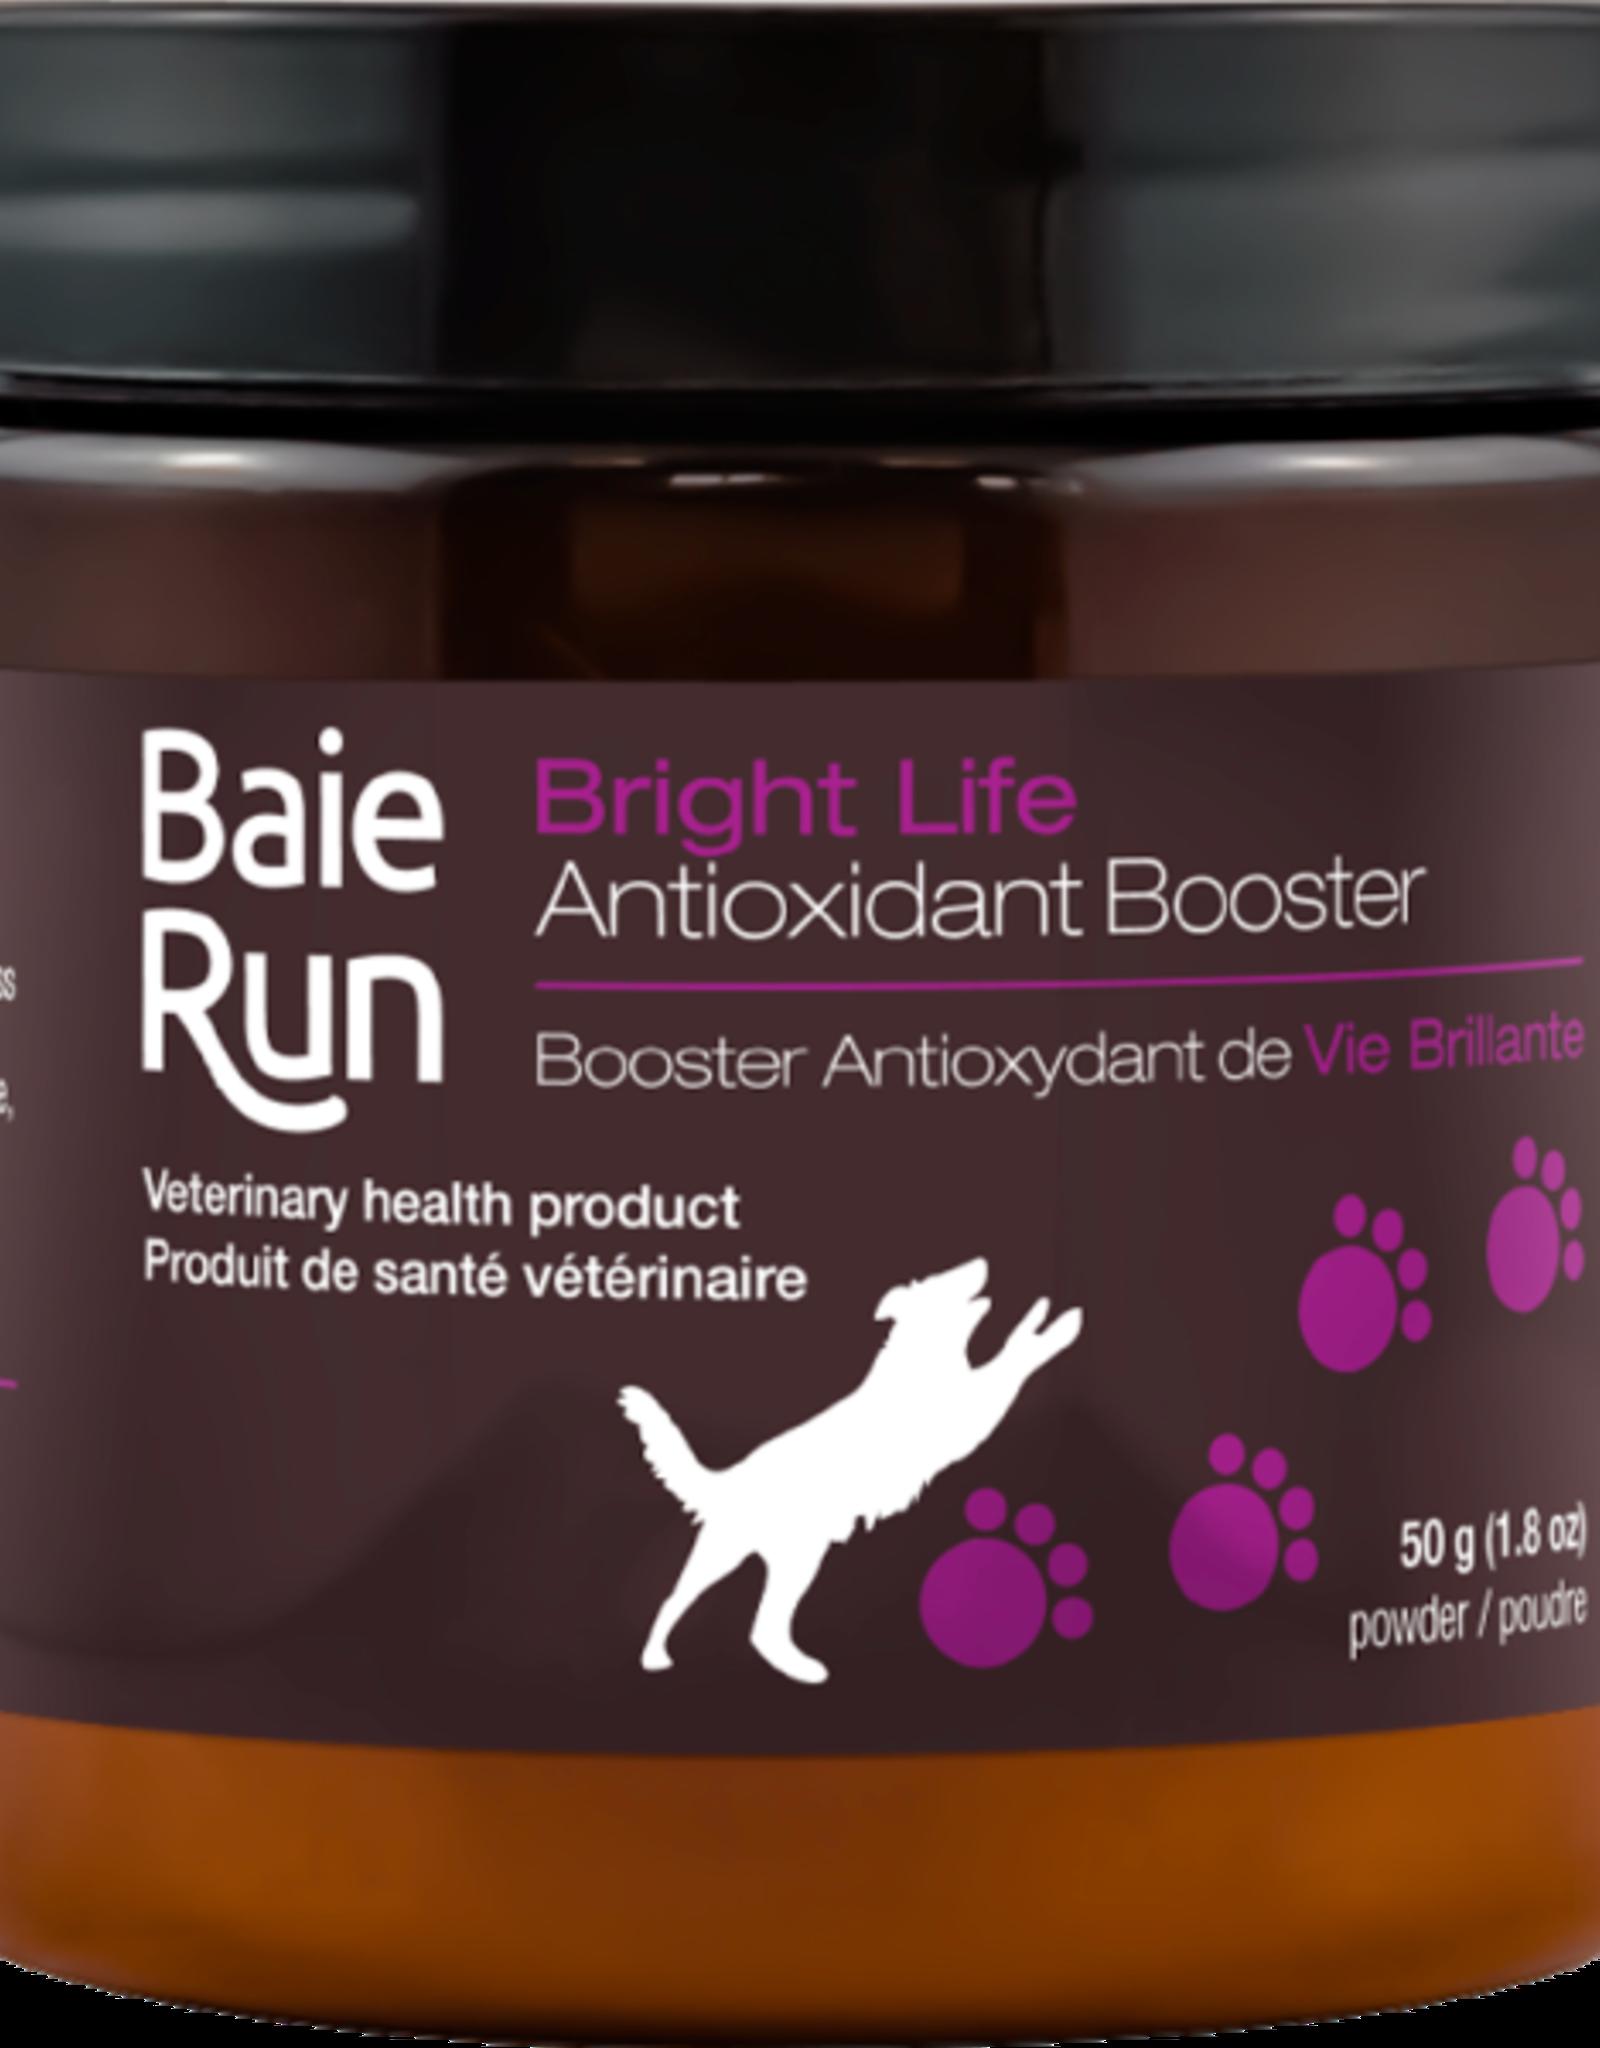 Baie Run Baie Run Dog Bright Life Antioxidant Booster 50 g